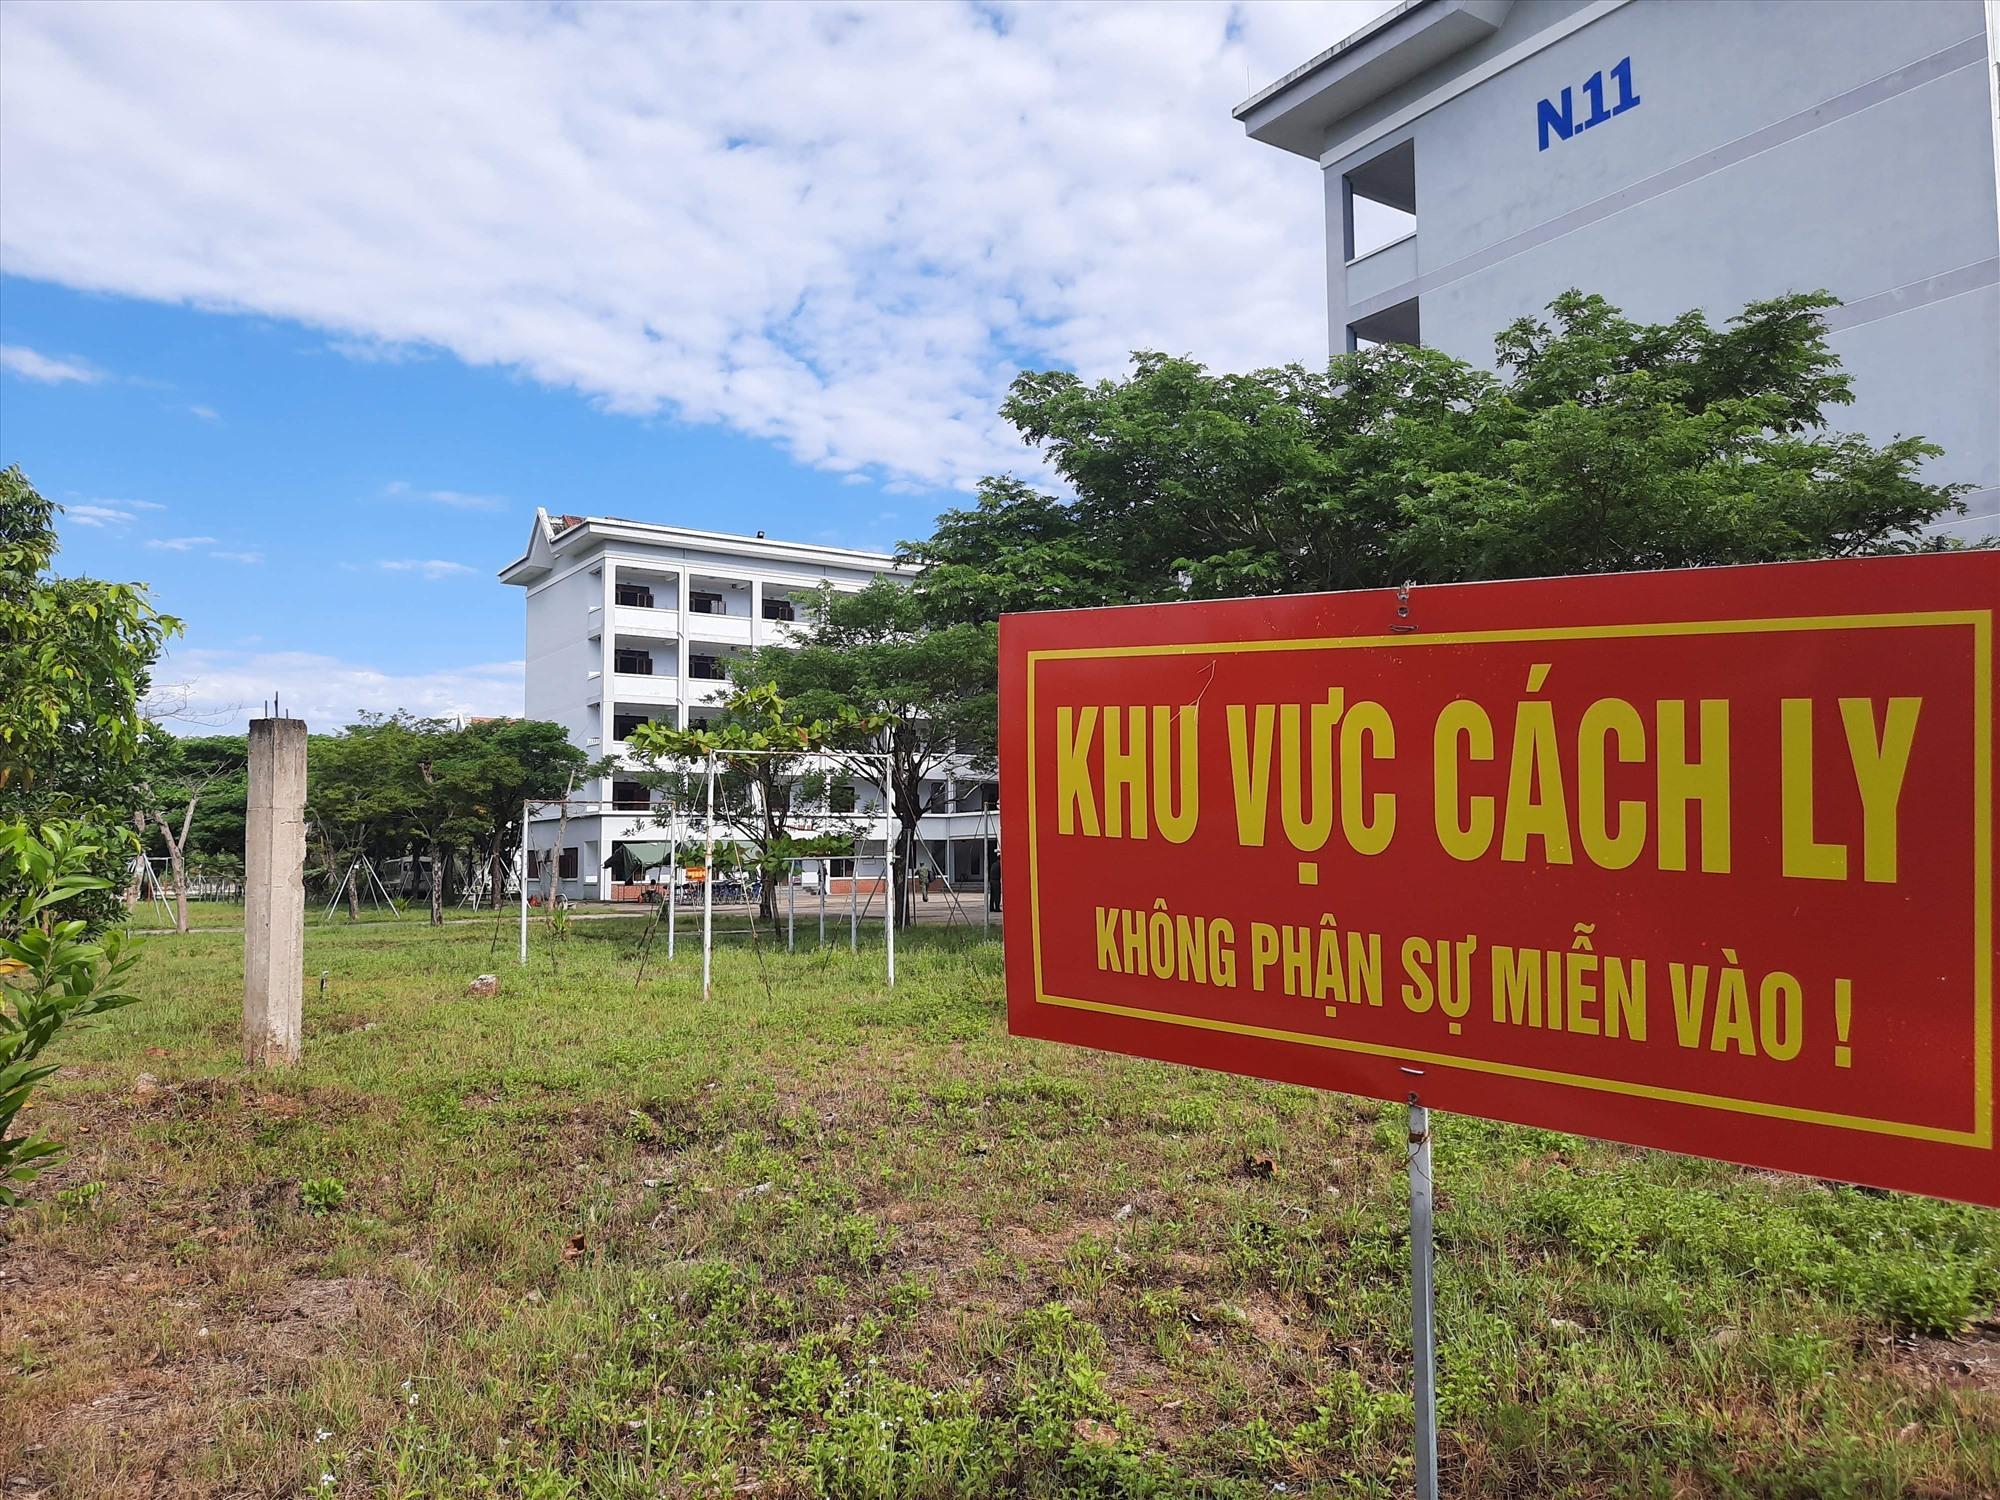 Quảng Nam hiện có 71 điểm cách ly tập trung. Ảnh: X.H